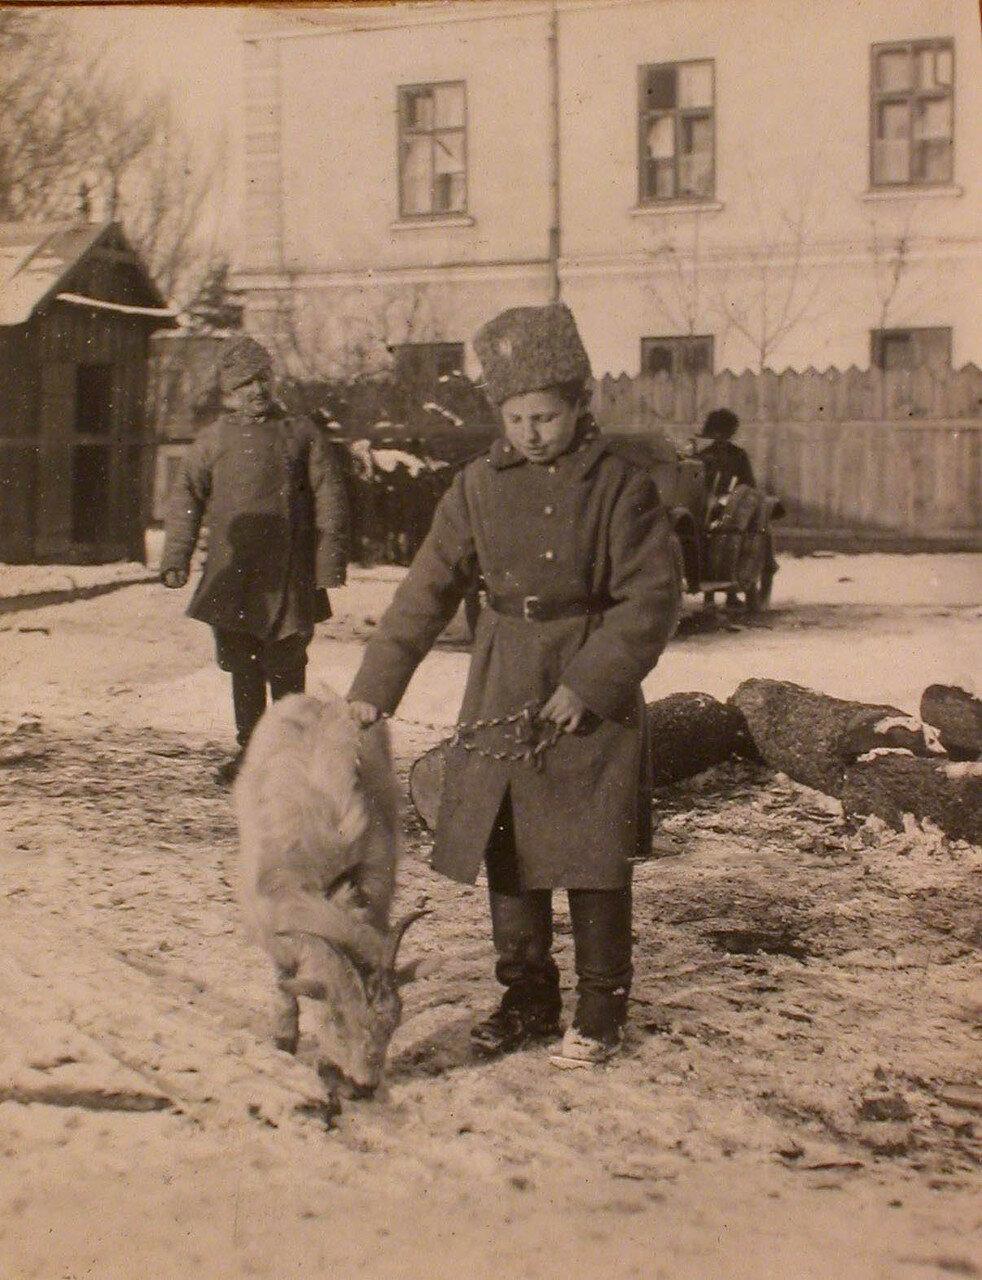 17. Санитар отряда Ванька, с питомцем - козлом Васькой. Галиция, Тарнополь